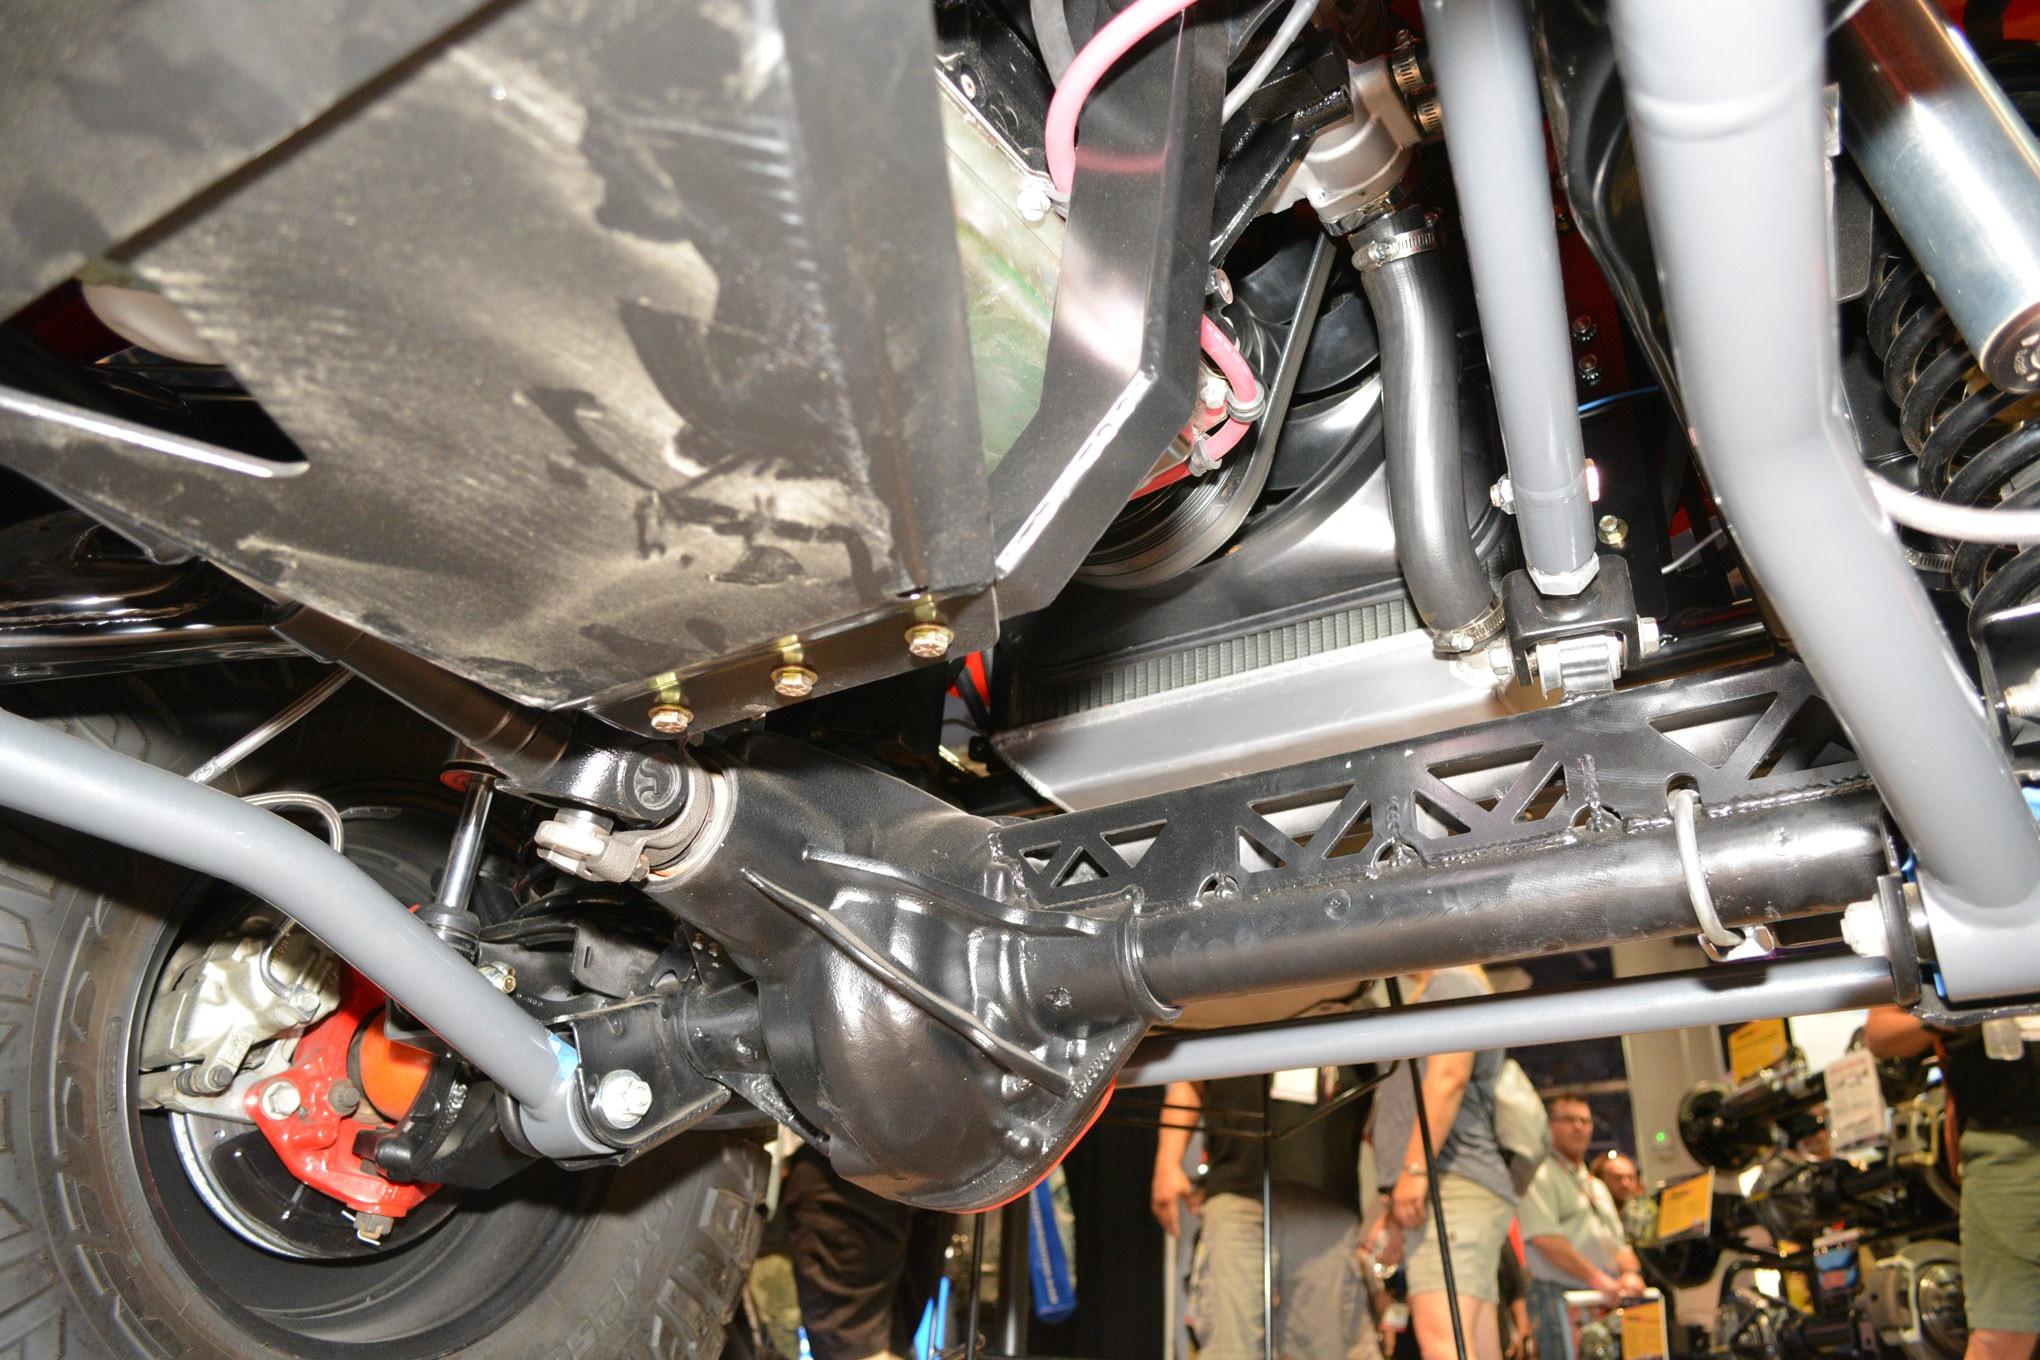 003 sema jeep mini feature jkcommando front axle